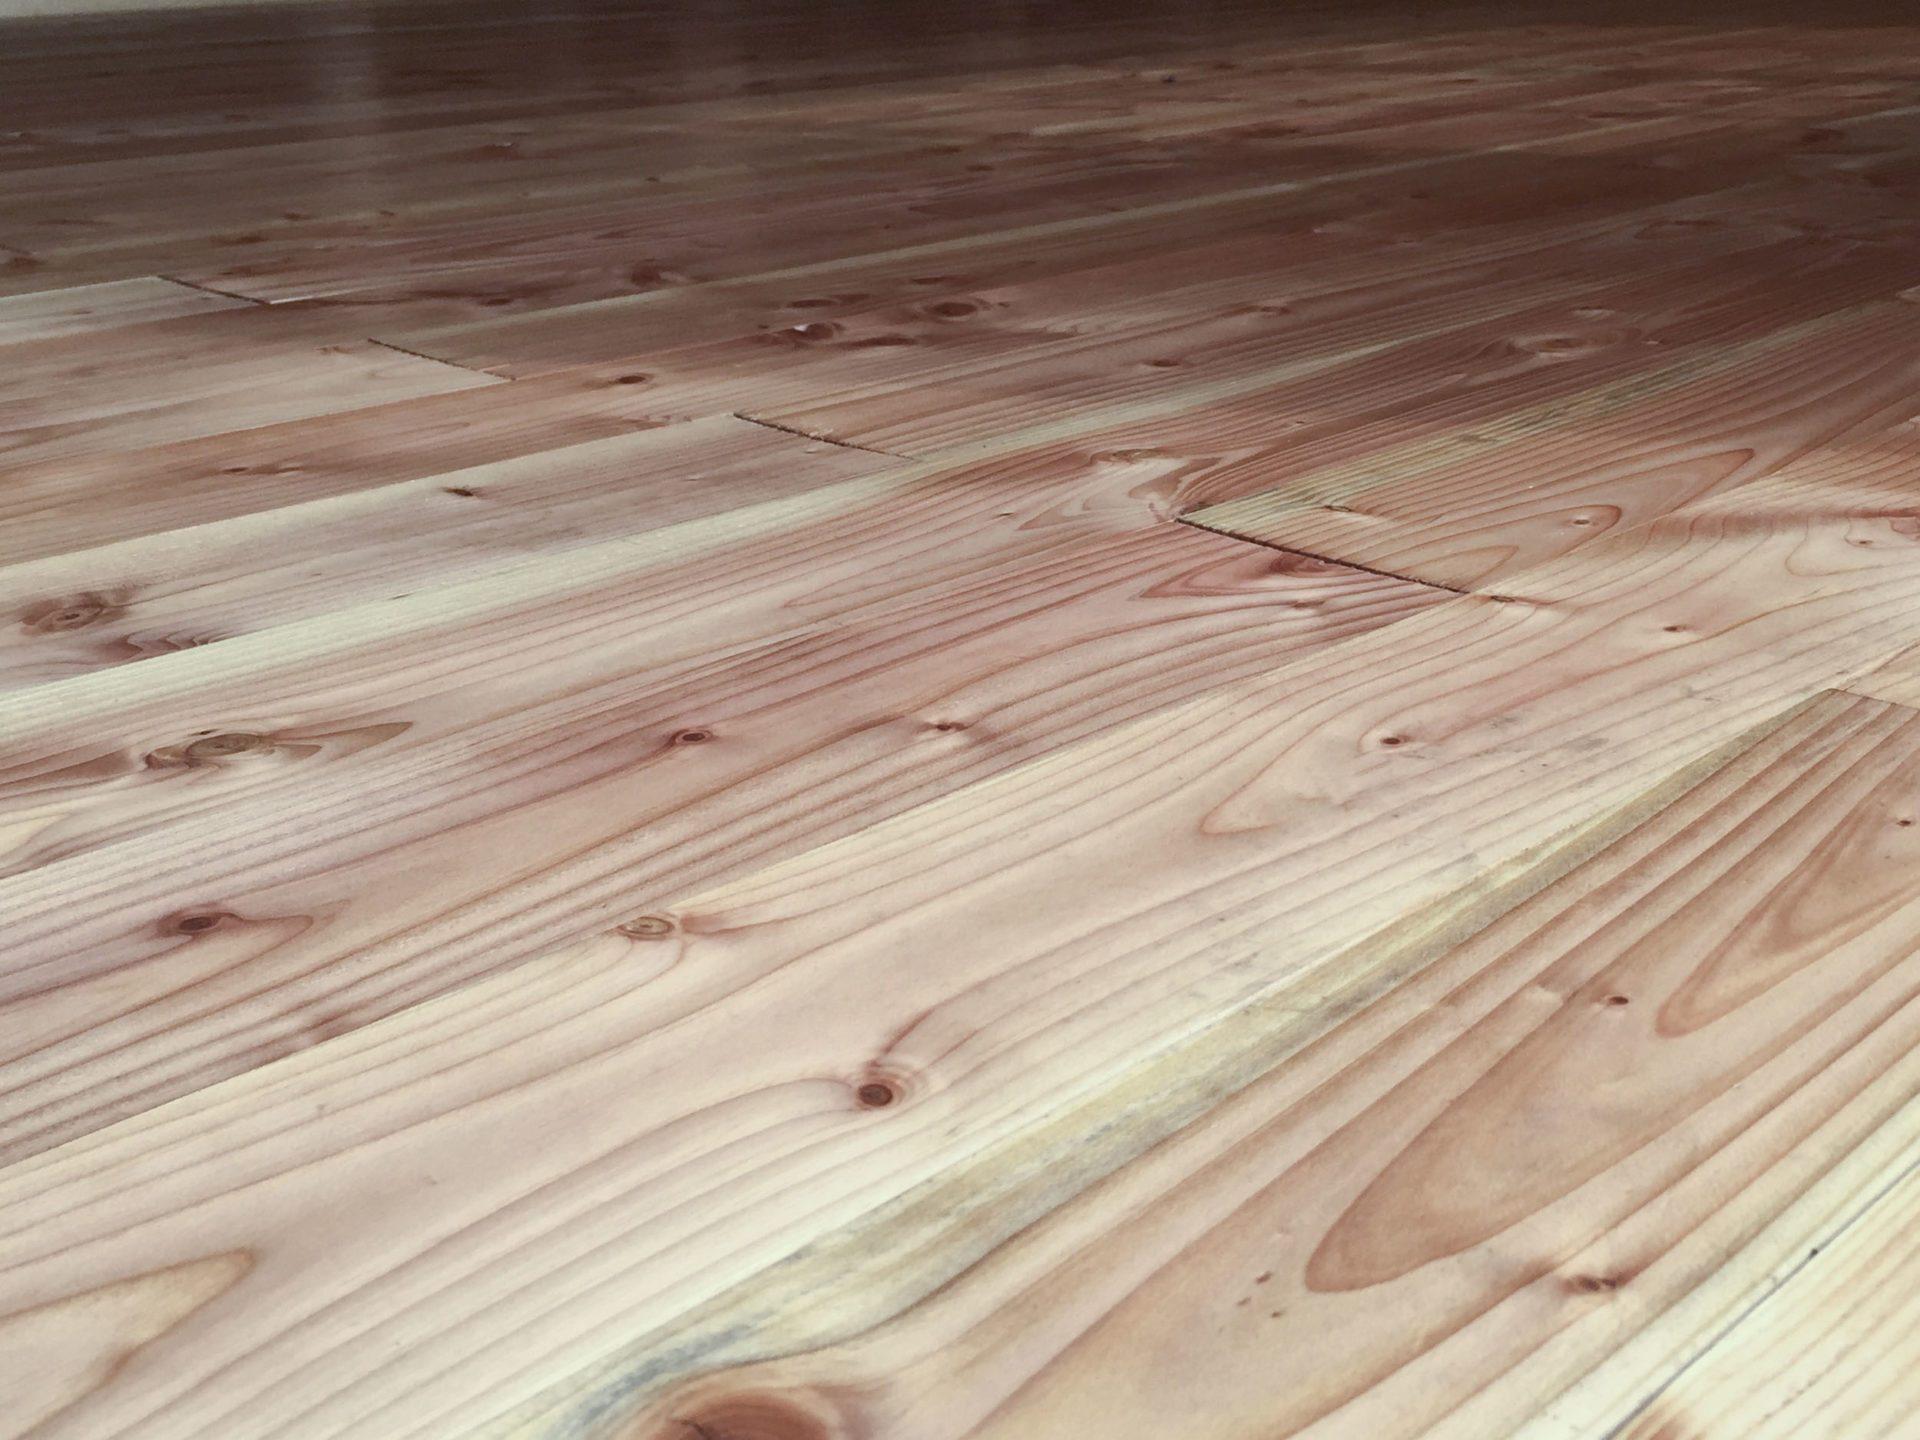 Holzfußboden Gartenhaus ~ Holzfußboden verlegen schritt für schritt erklärt plus material